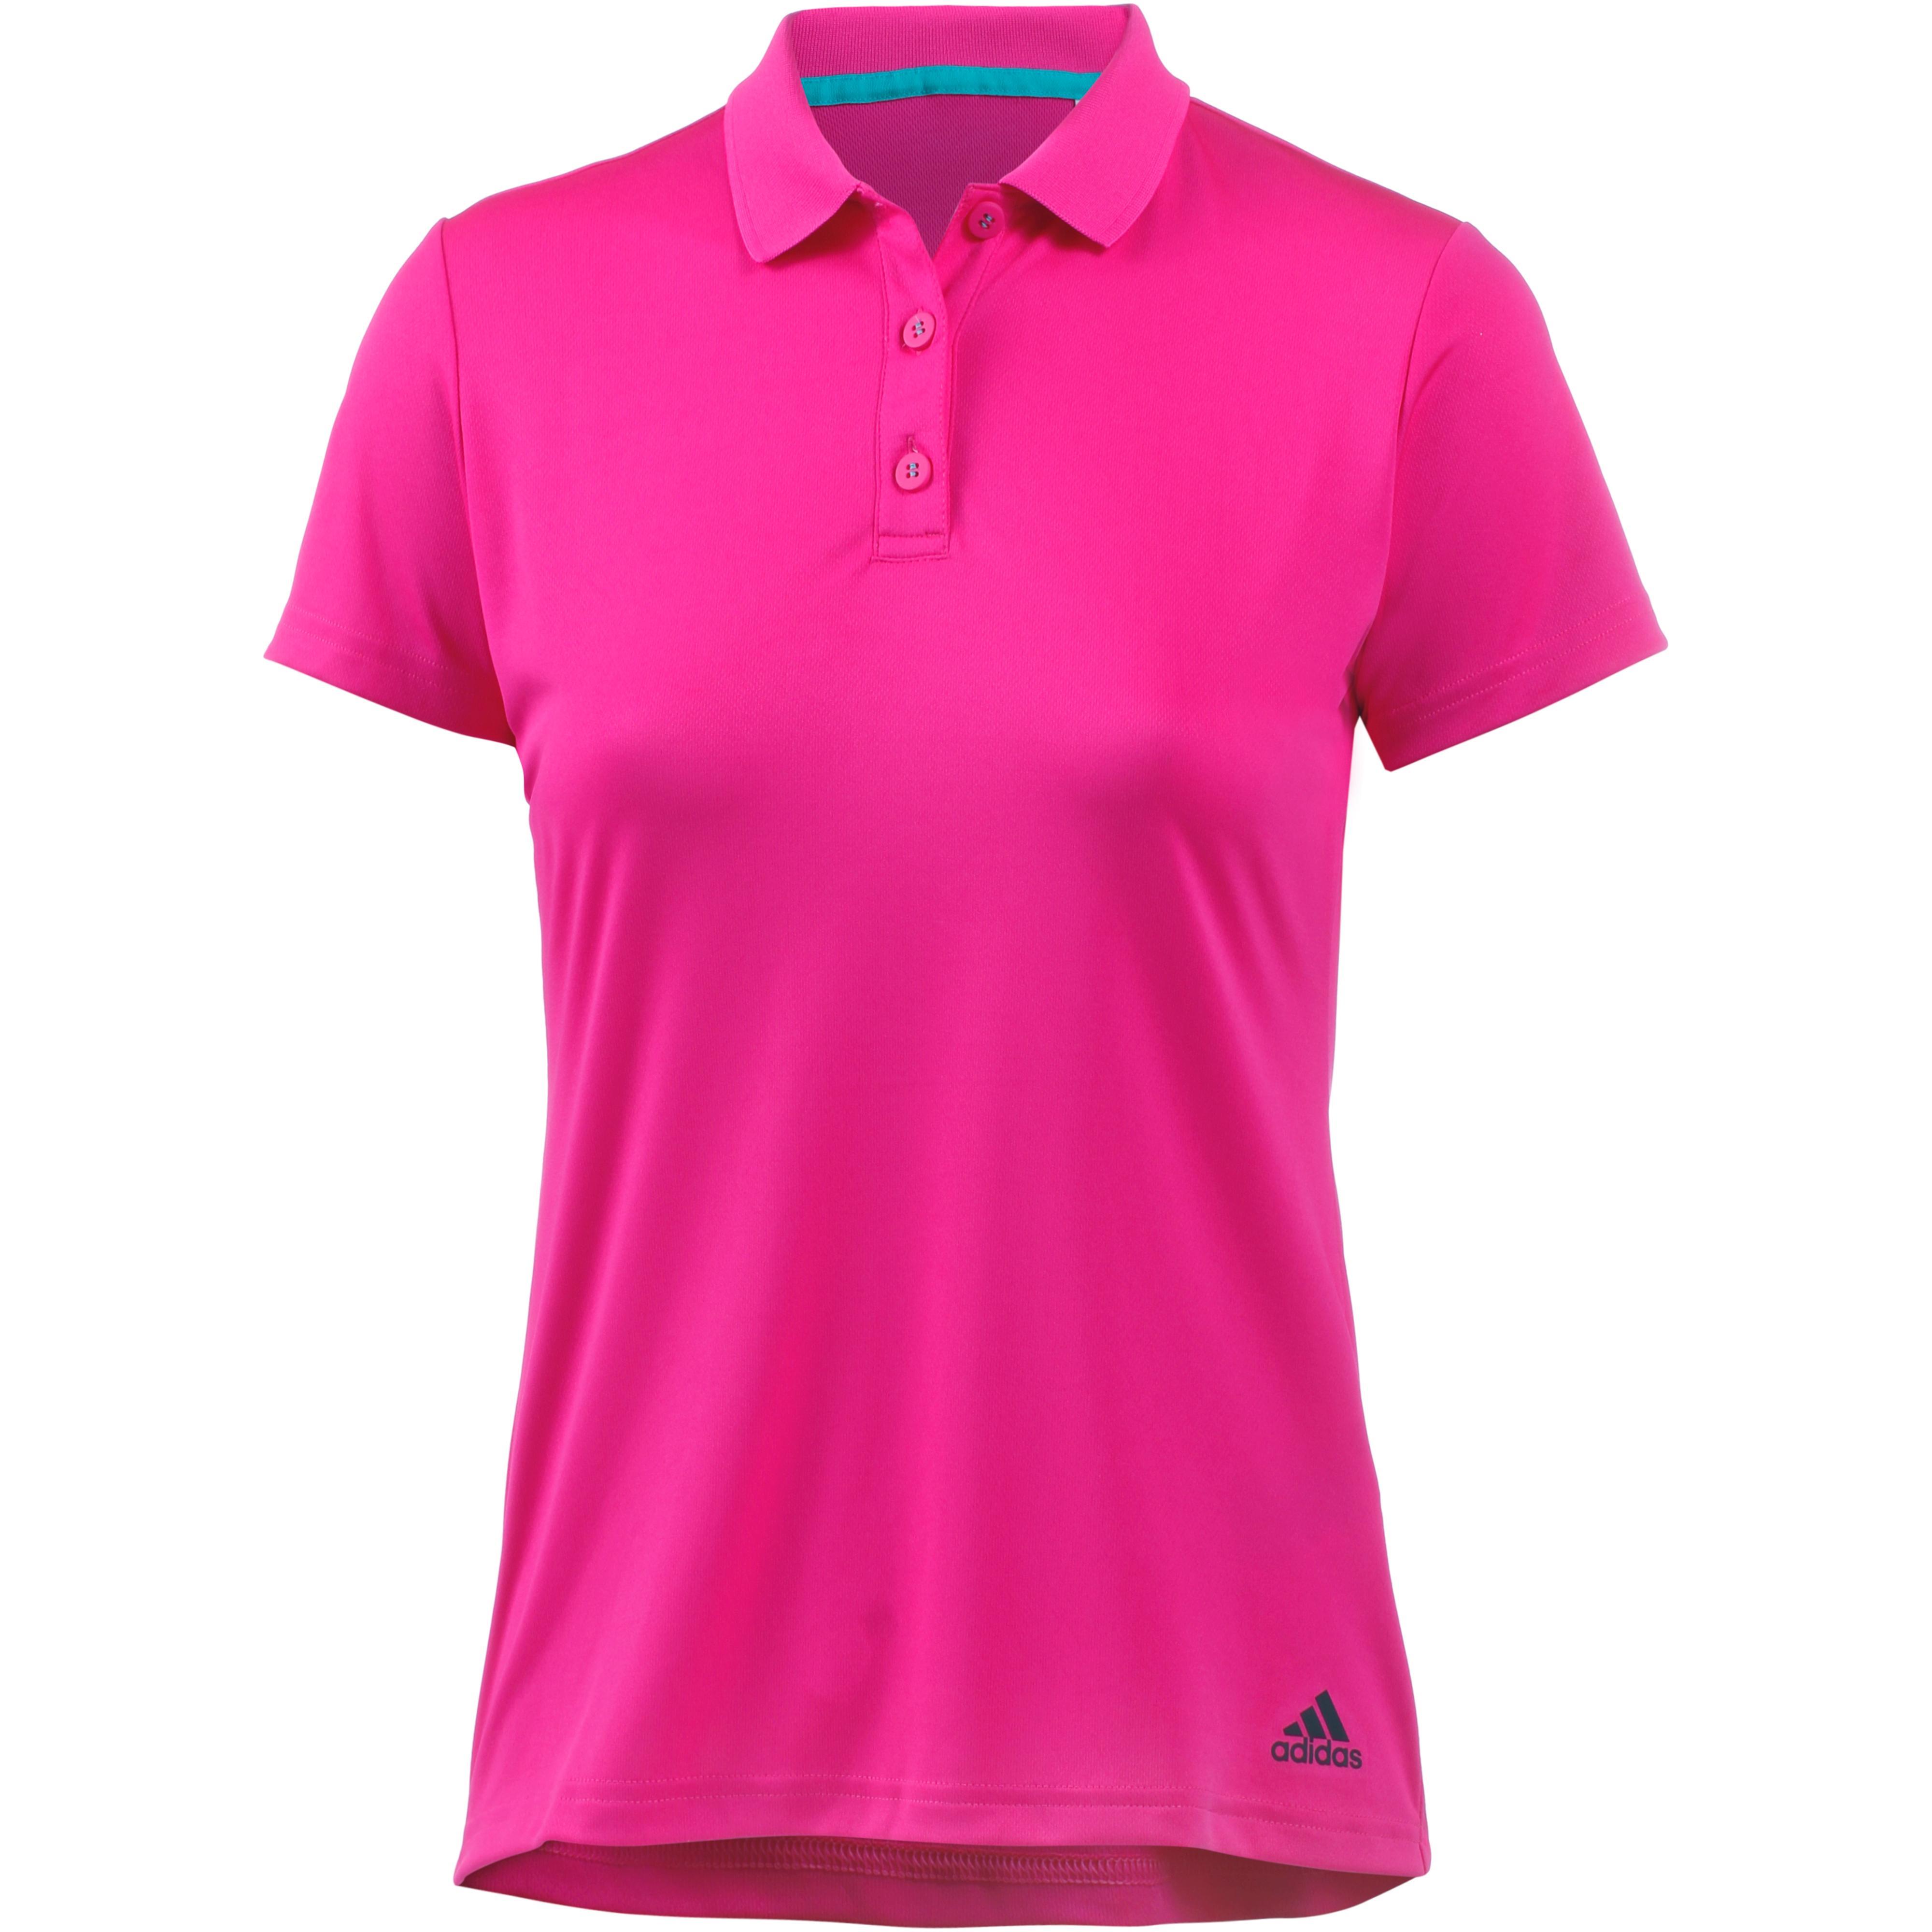 adidas CLUB POLO Tennis Polo Damen shock pink im Online Shop von SportScheck kaufen